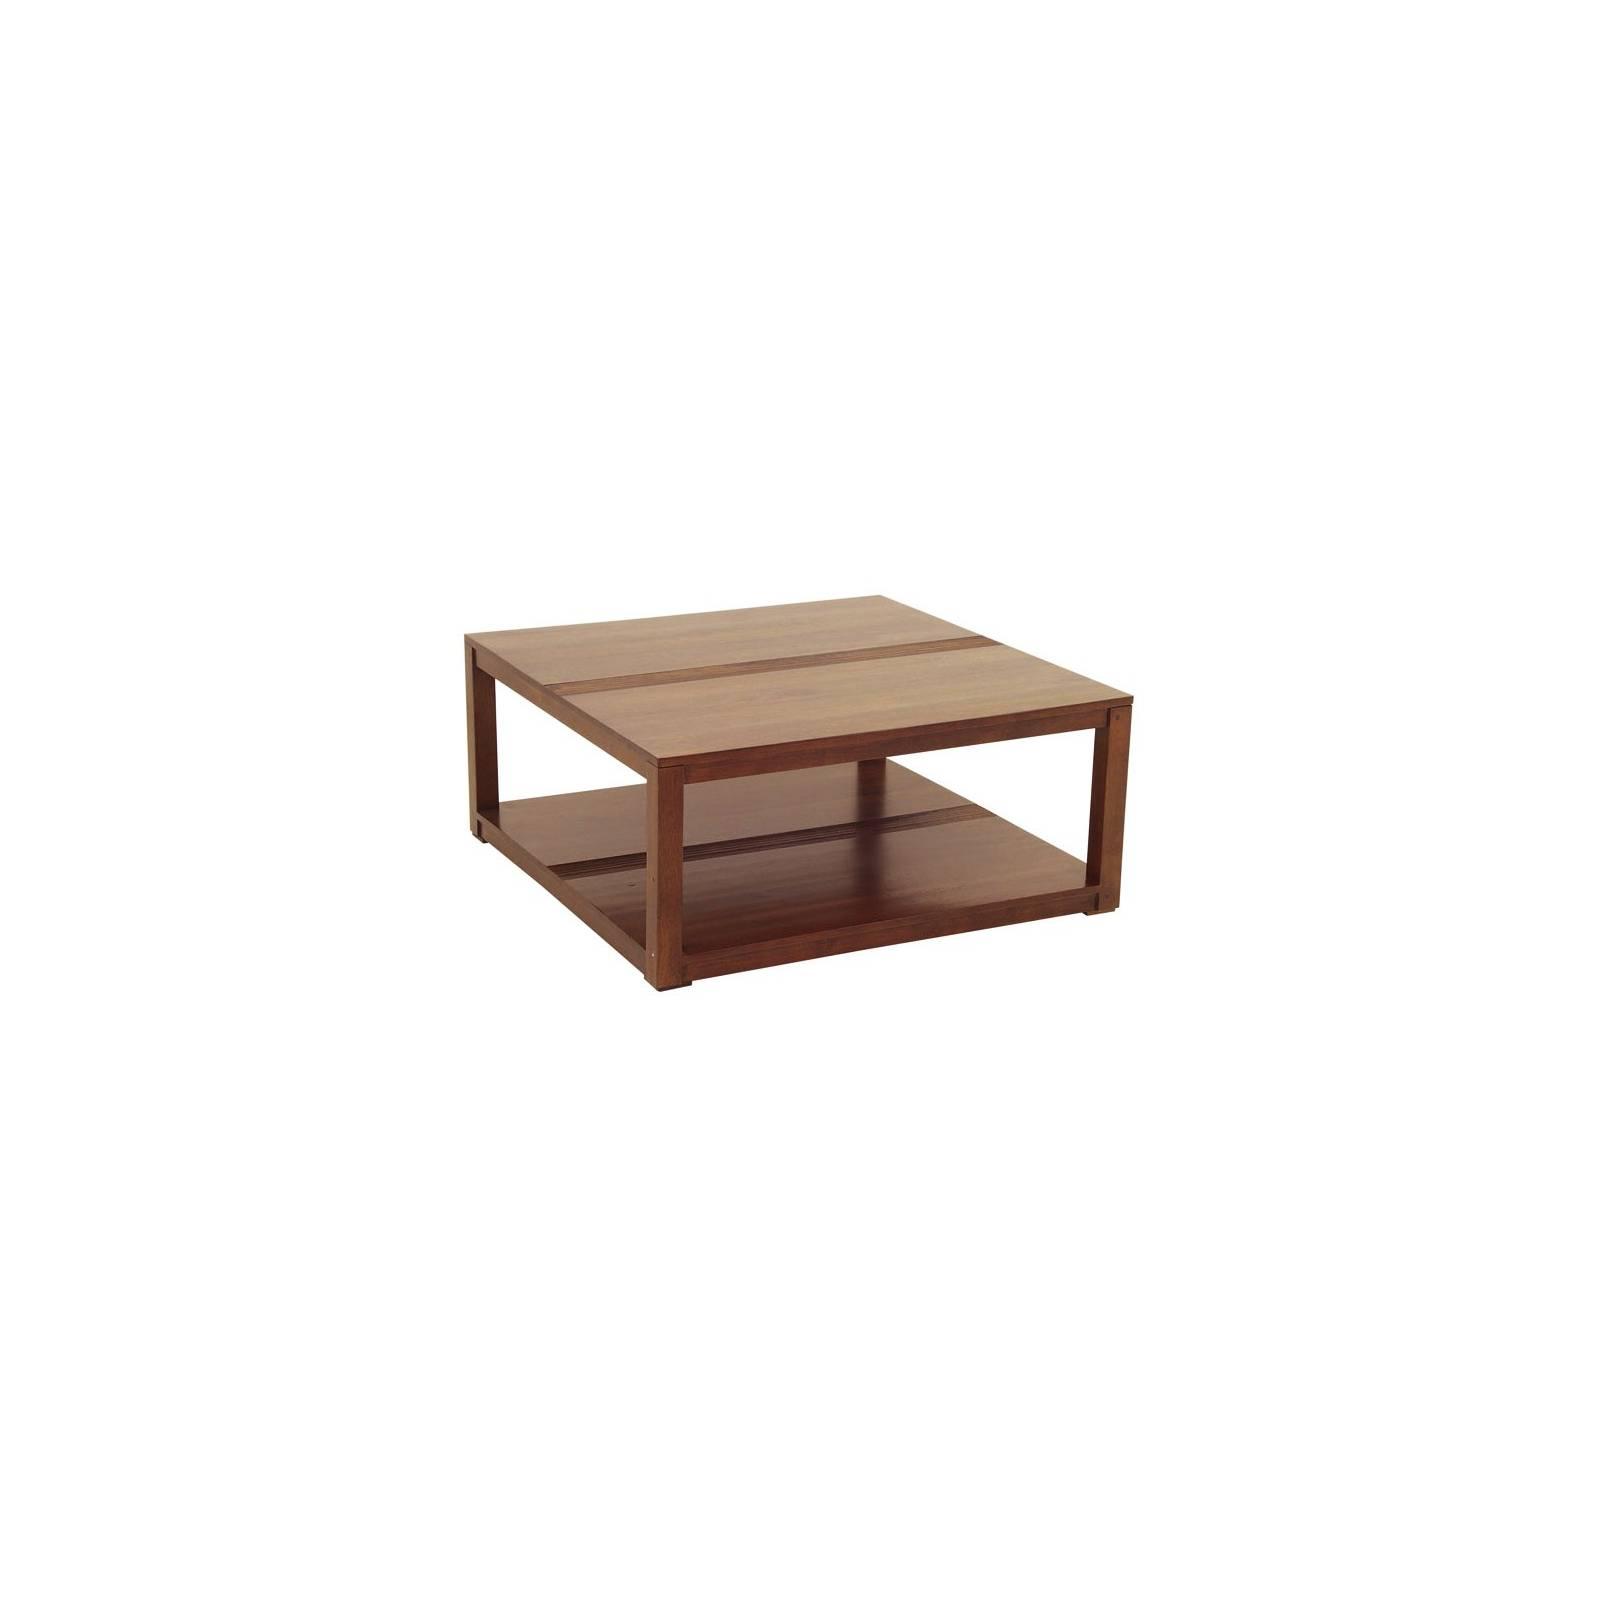 Table Basse Carrée Design Siguiri Hévéa - meuble colonial